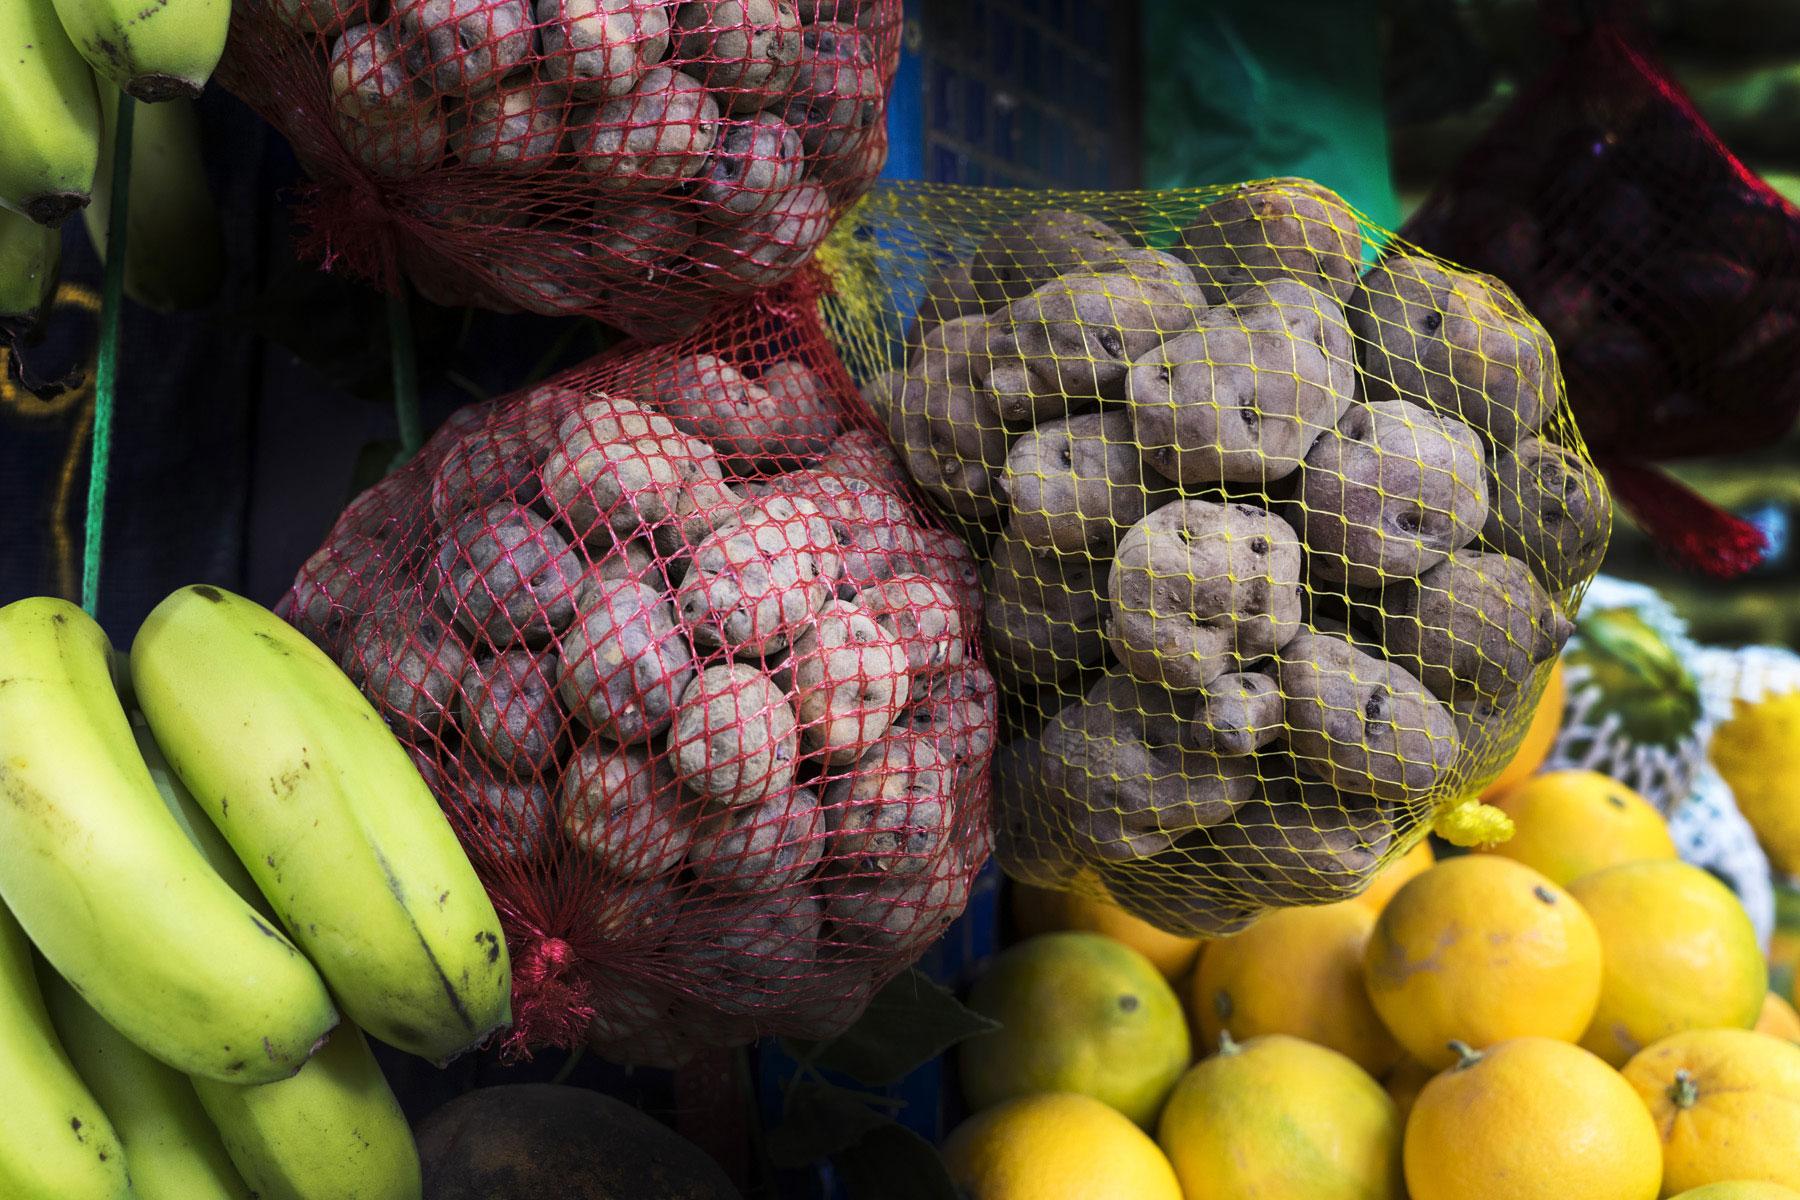 8_Mercado-de-Vegueta_Kanarisk-potatis_